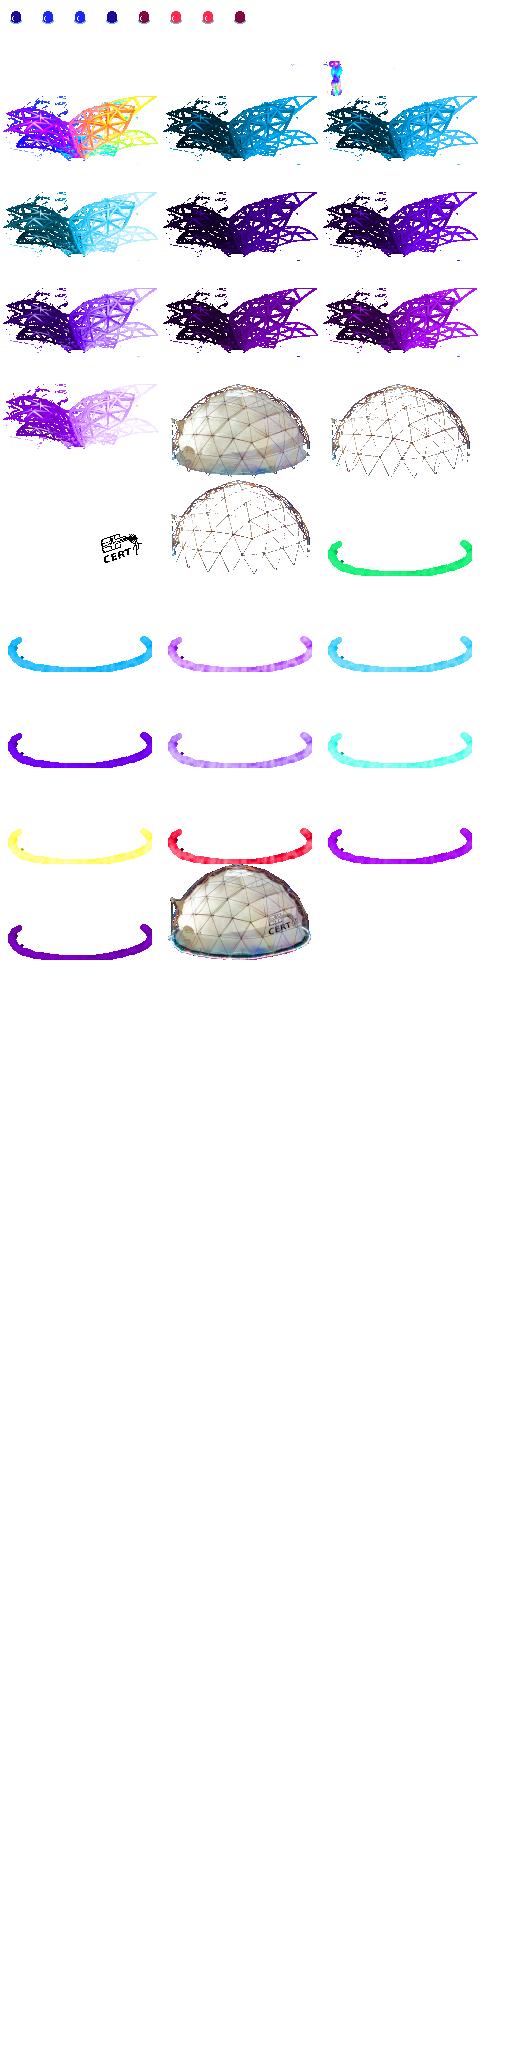 tiles.rc3.world/community/cert/imgs/tilesheets/c3_deko.png